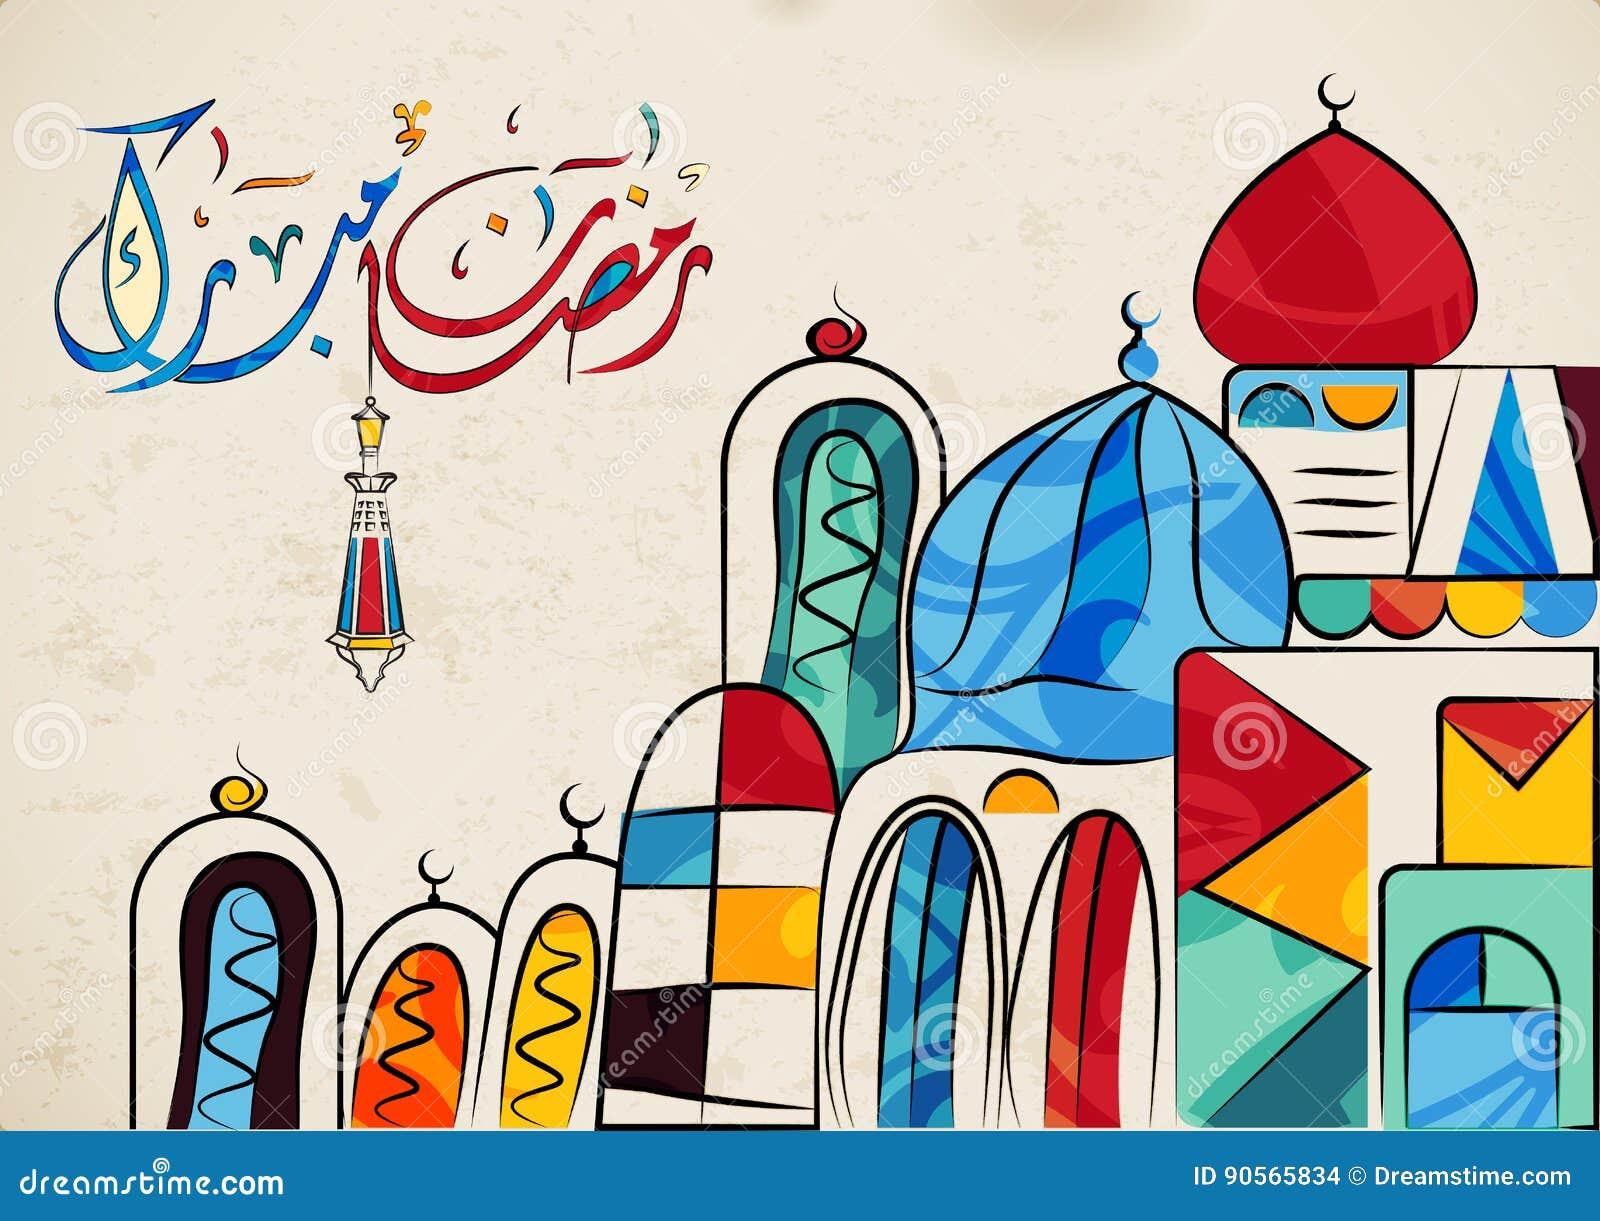 Ramadan Mubarak Greetings In Arabic Script An Islamic Greeting Card